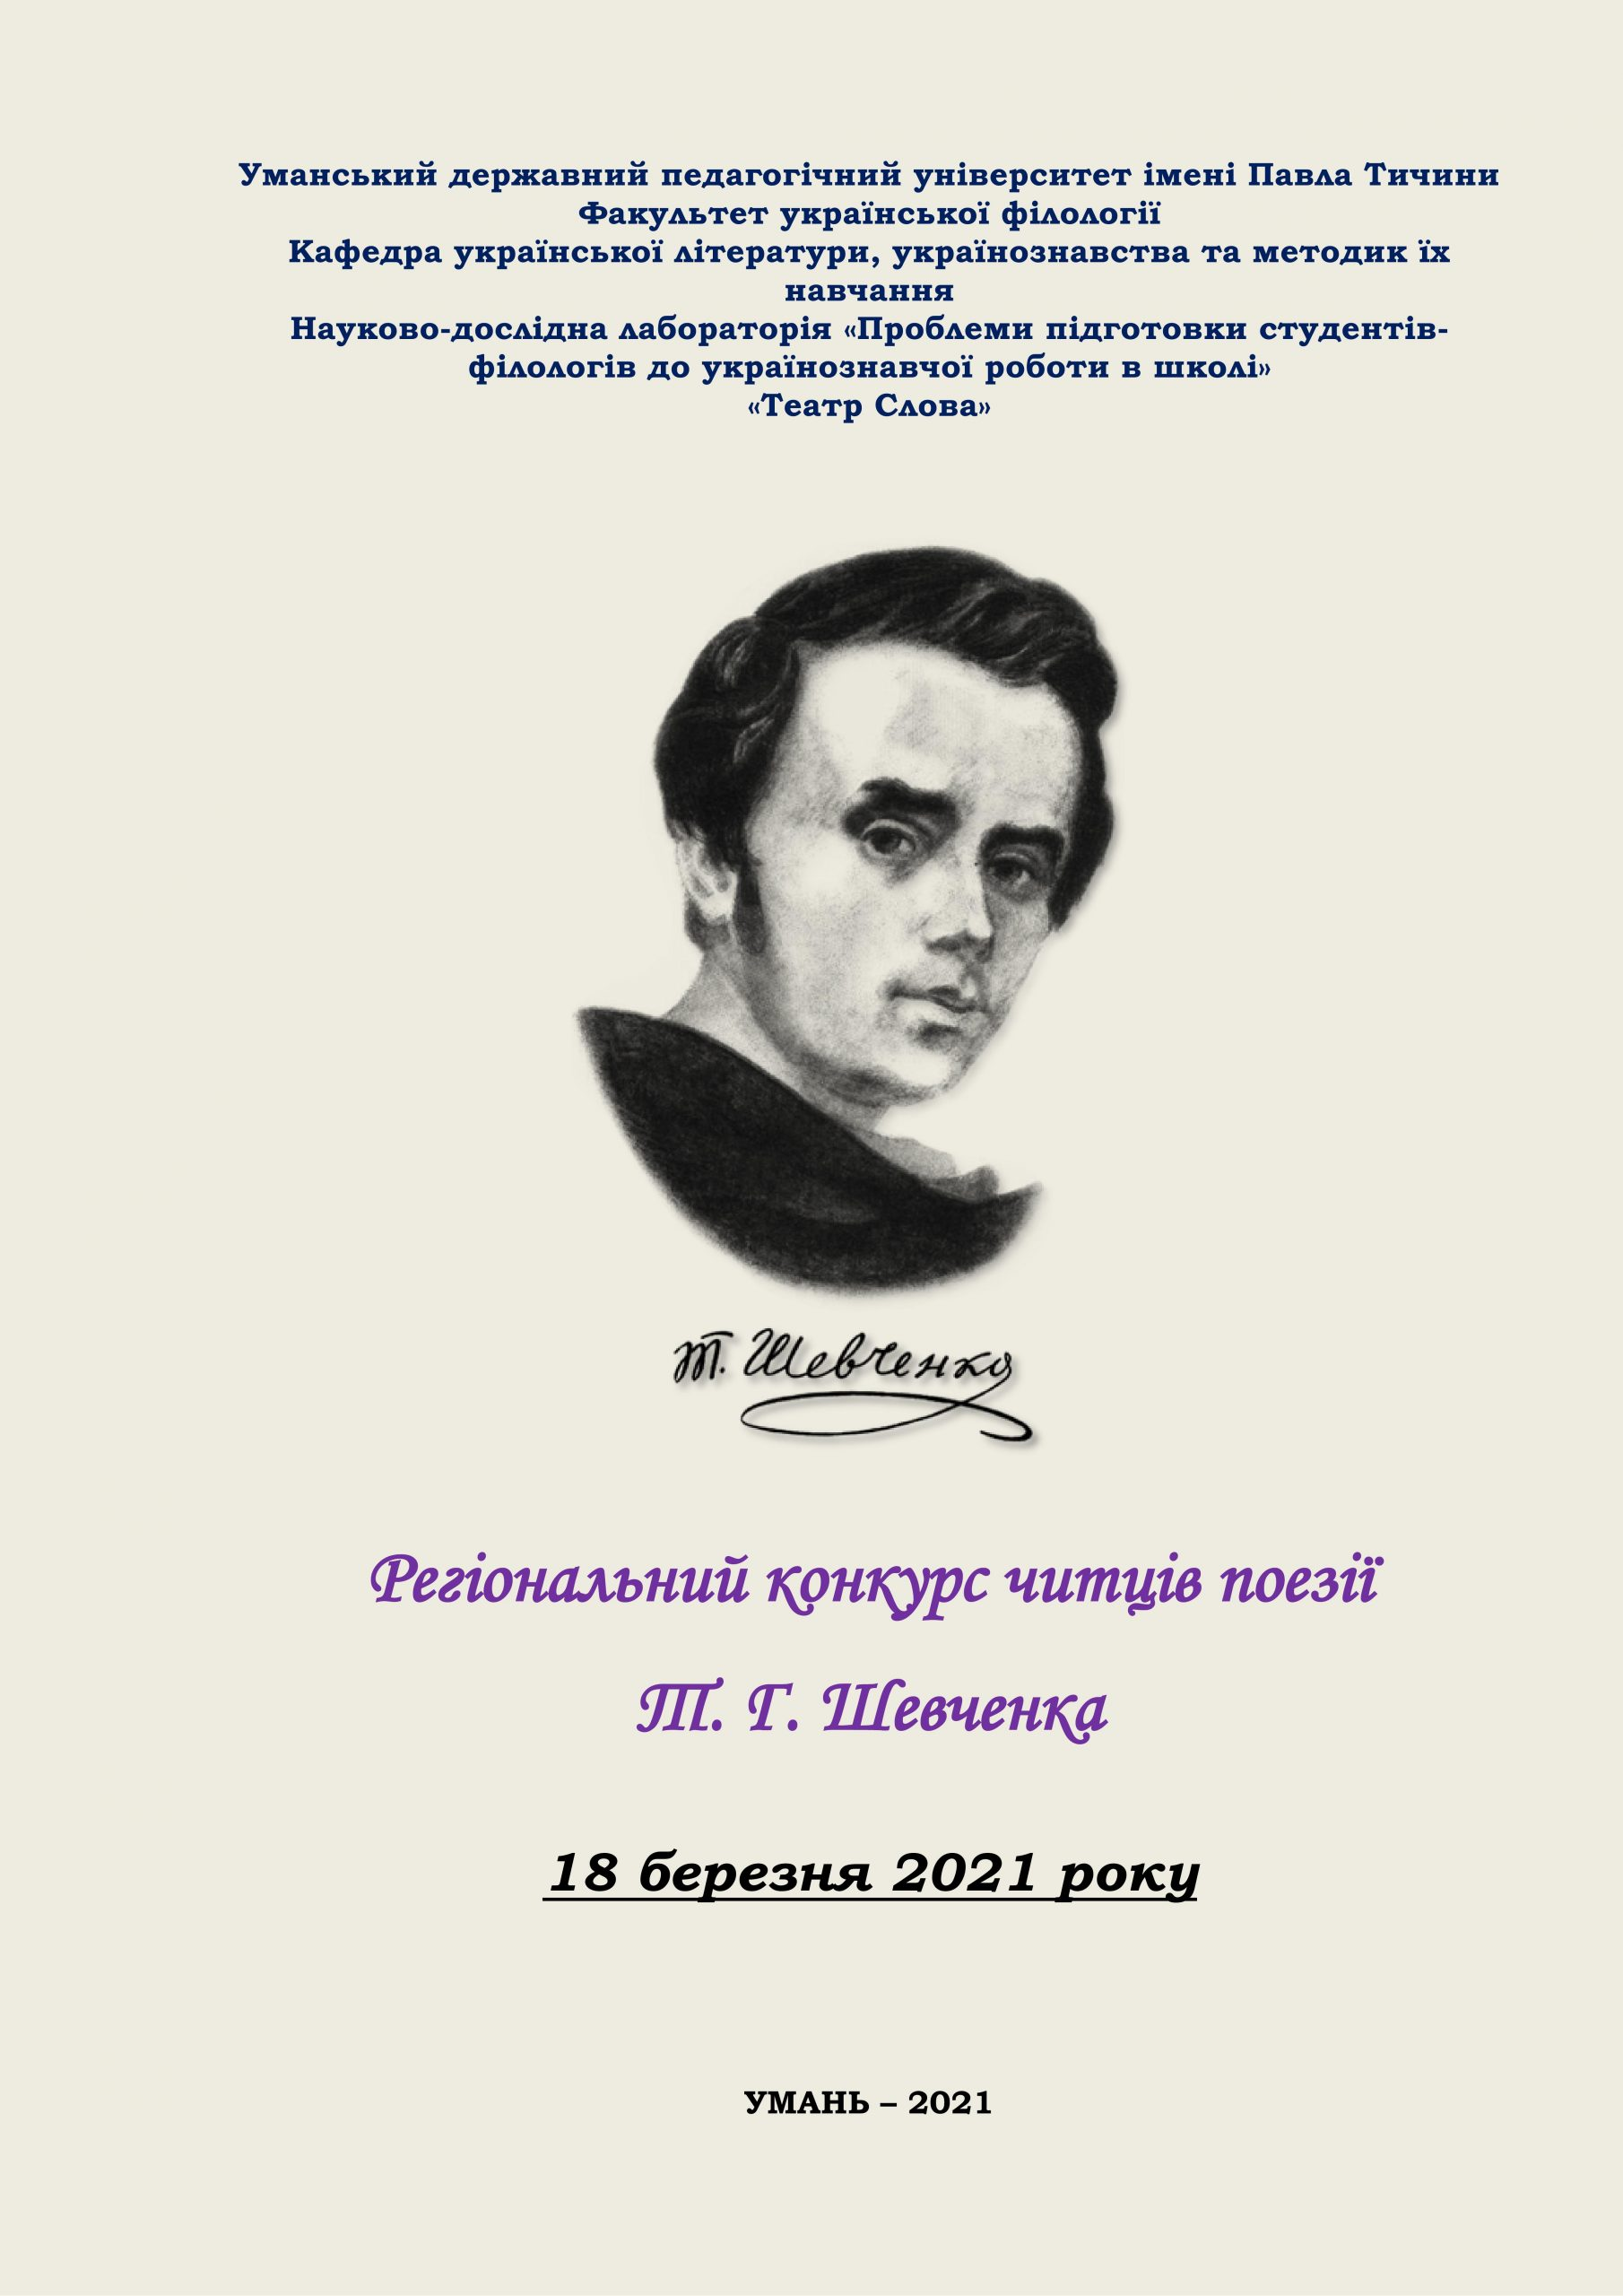 Конкурс читців зібрав найкращих шанувальників поезії Т.Г. Шевченка